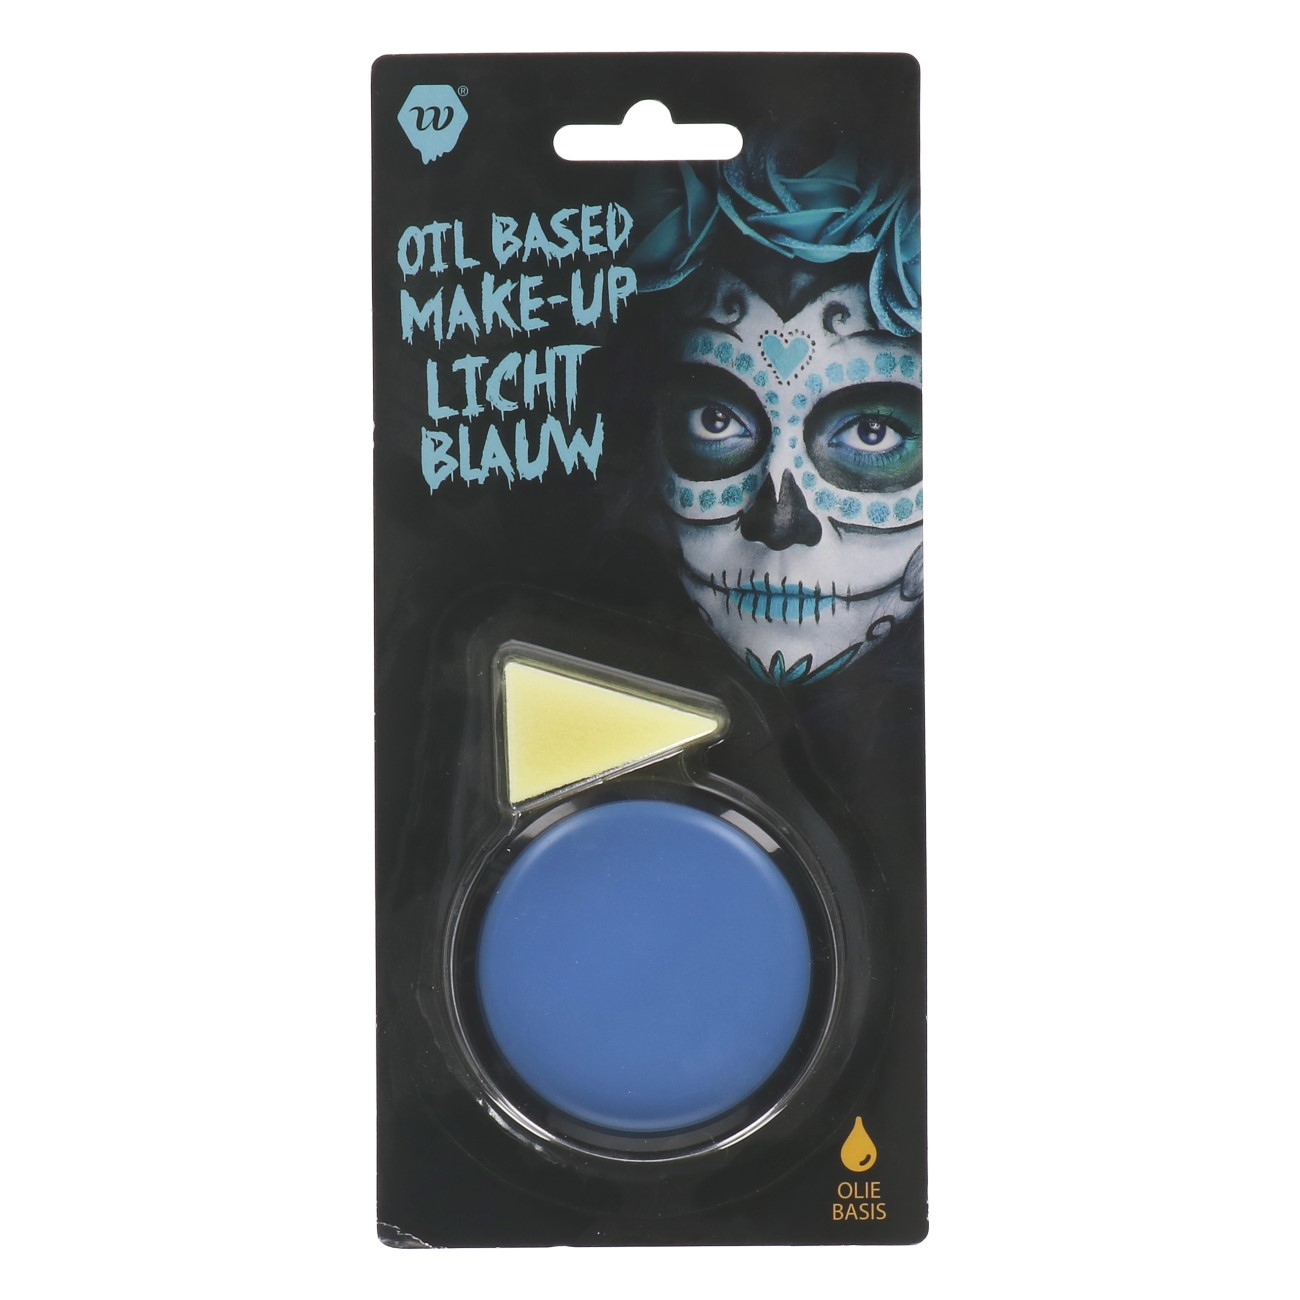 Oil-Based Make-up Licht Blauw Wauwfactor